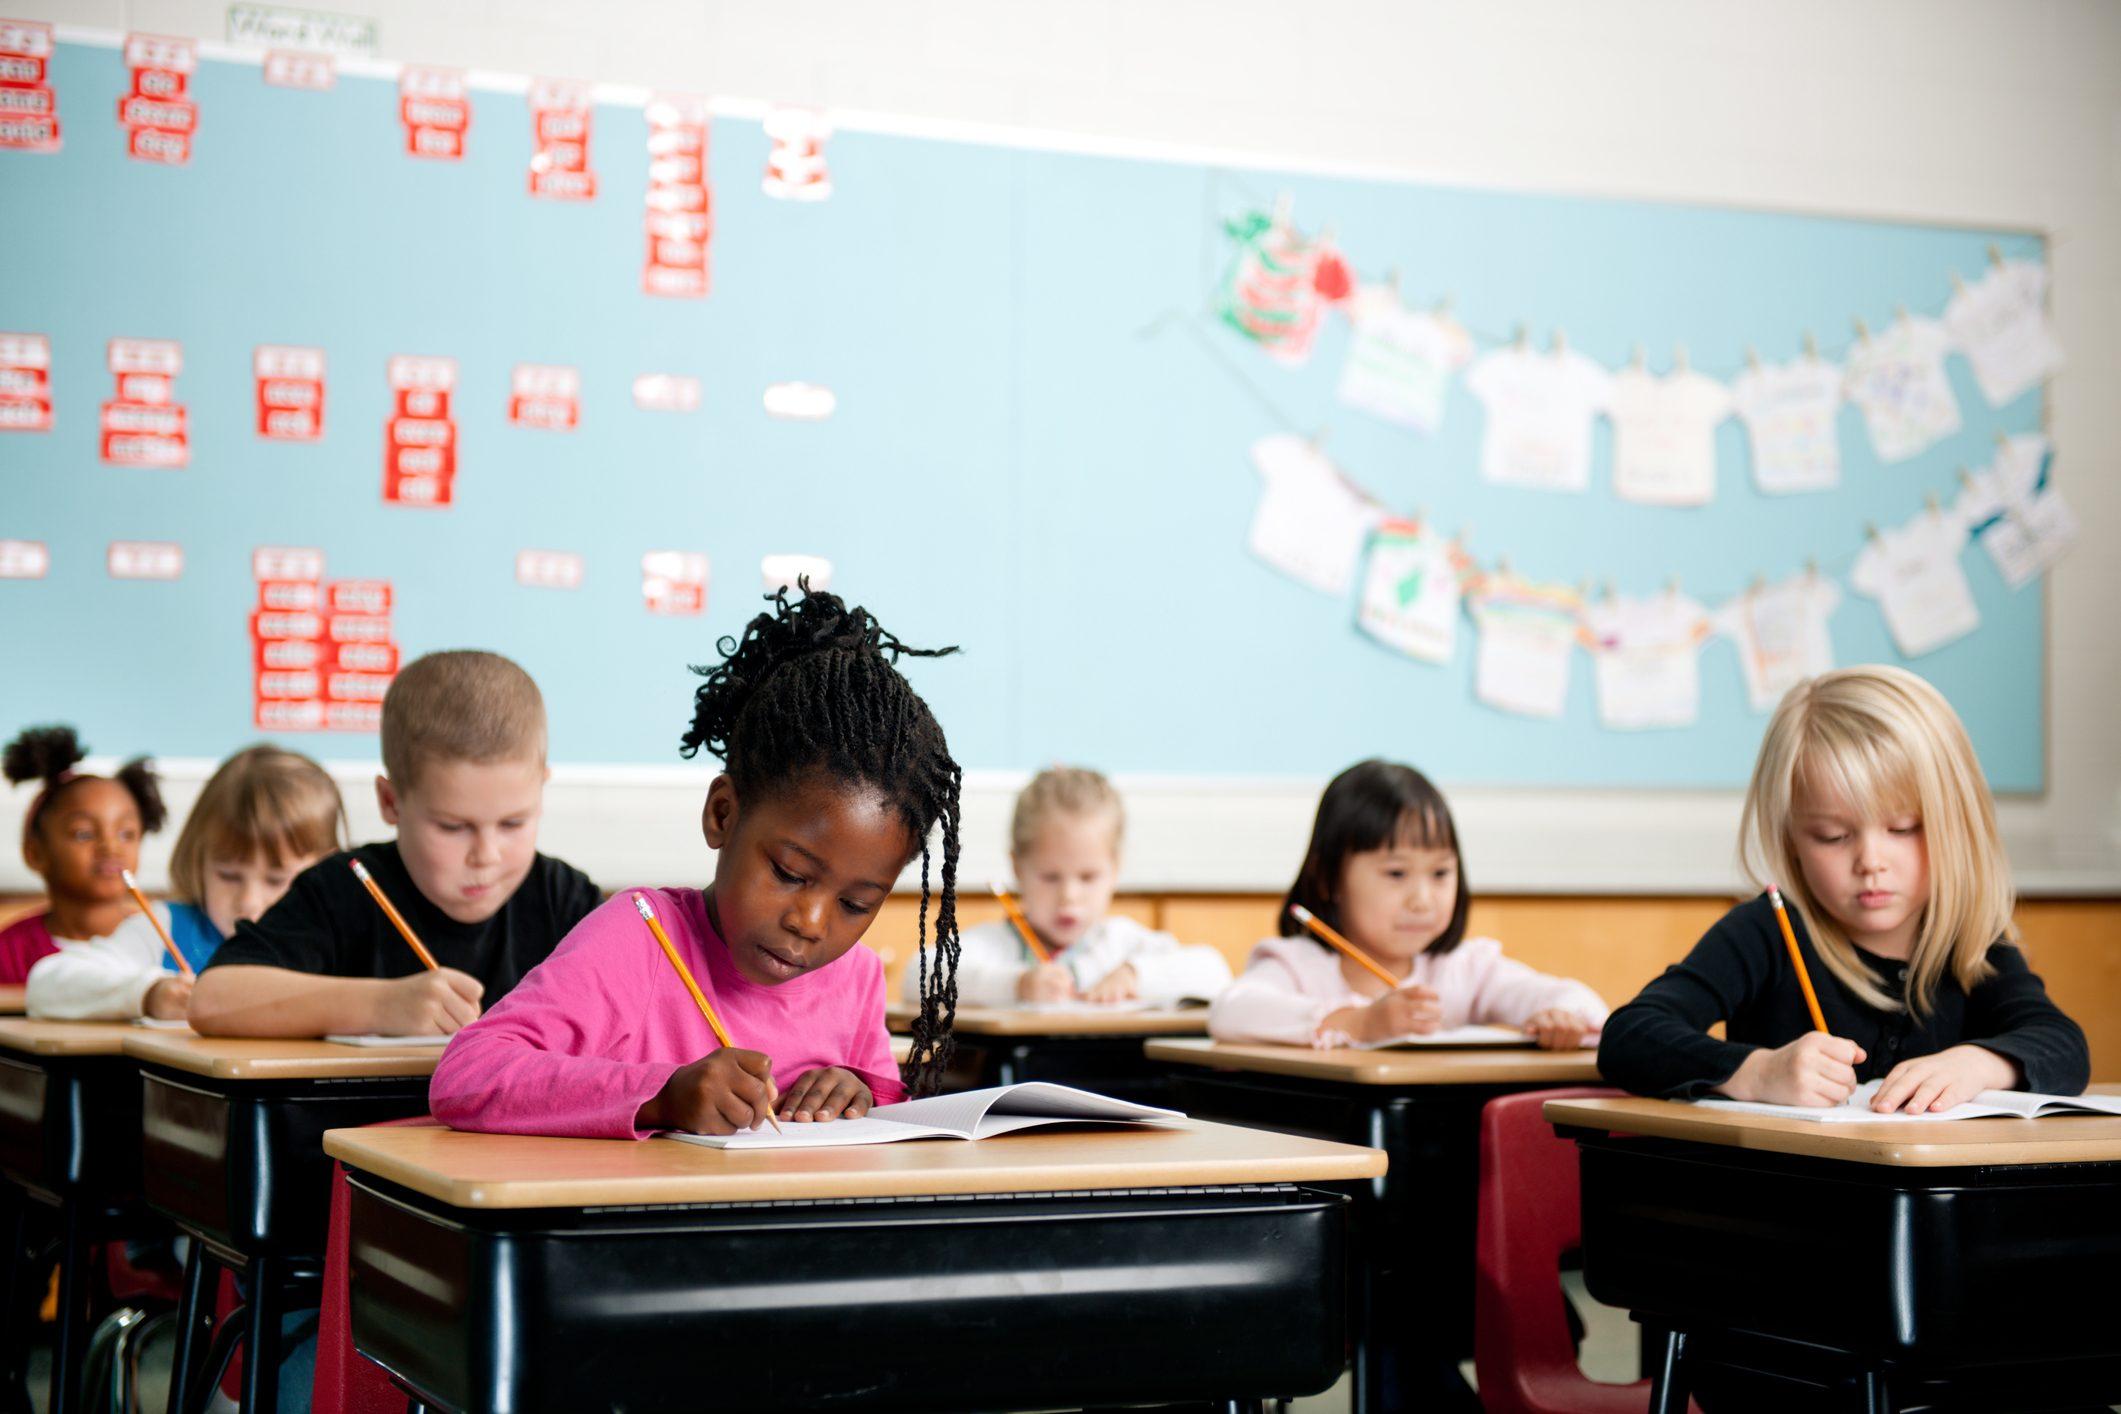 children in school working at desks